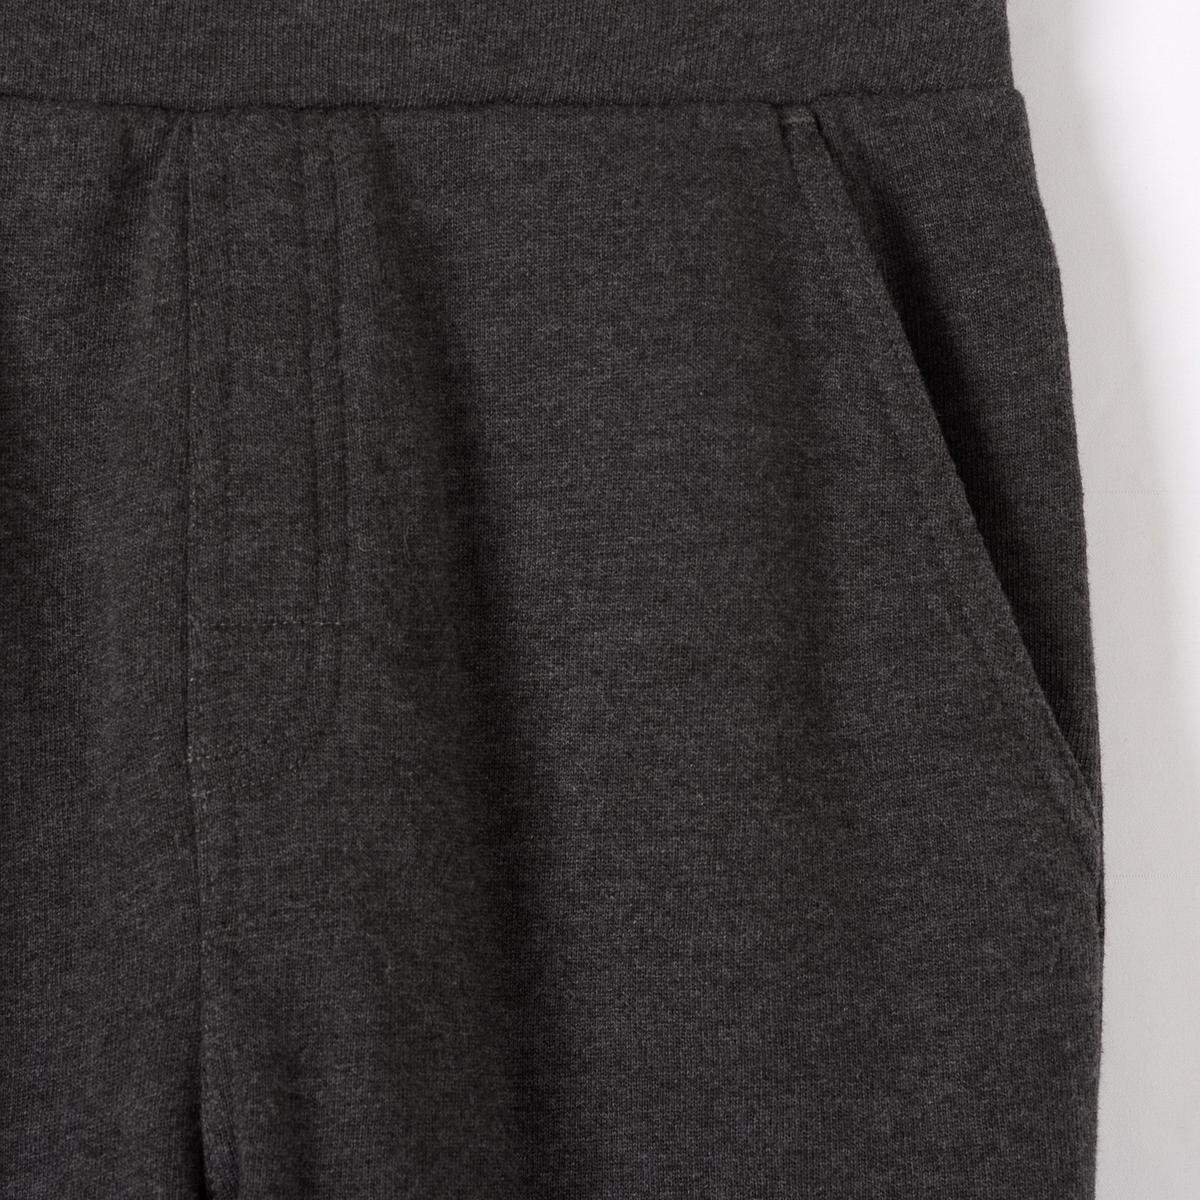 Брюки спортивные, 10-16 летСпортивные брюки из мольтона. Эластичный пояс. 2 кармана.    Знак Oeko-Tex*. Состав и описаниеМатериал       55% хлопка, 45% полиэстераМарка: R ?ditionУход- Стирать и гладить с изнанки.Машинная стирка при 30°С на умеренном режиме с одеждой схожих цветовМашинная сушка в обычном режиме- Гладить при средней температуре.  *Международный знак Oeko-Tex гарантирует отсутствие вредных или раздражающих кожу веществ<br><br>Цвет: серый меланж,синий морской